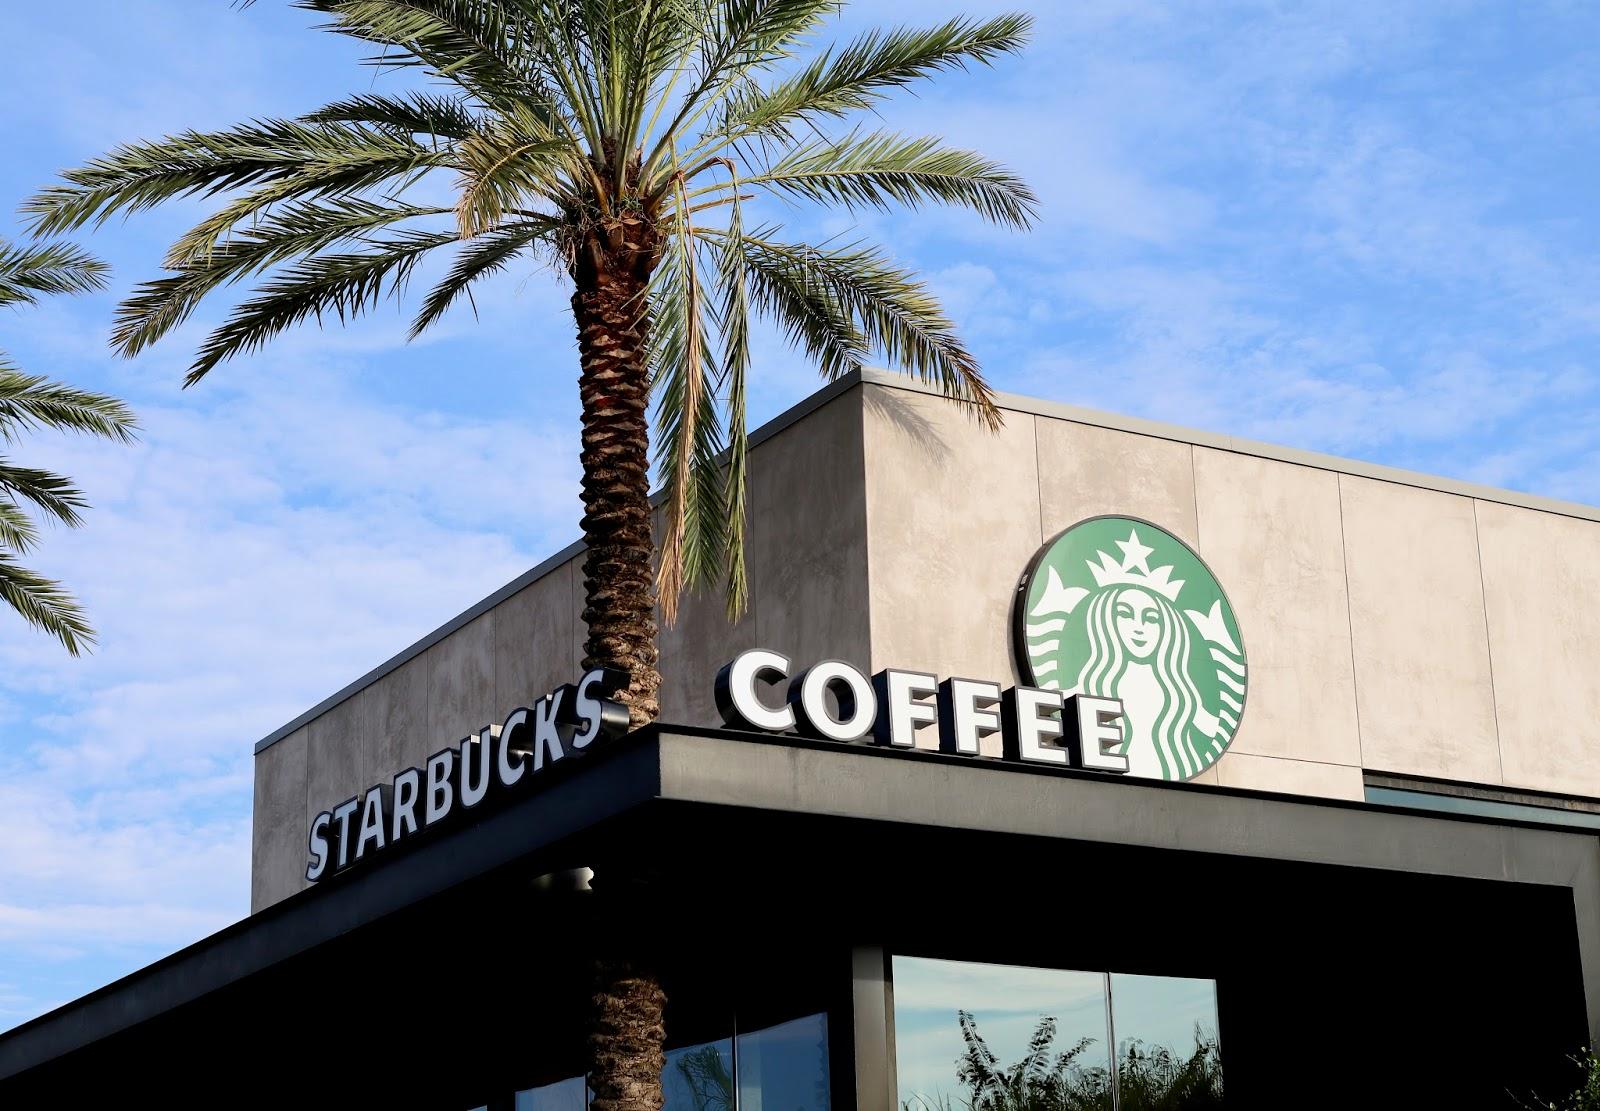 Disney-Stores-Starbucks-Orlando-Florida